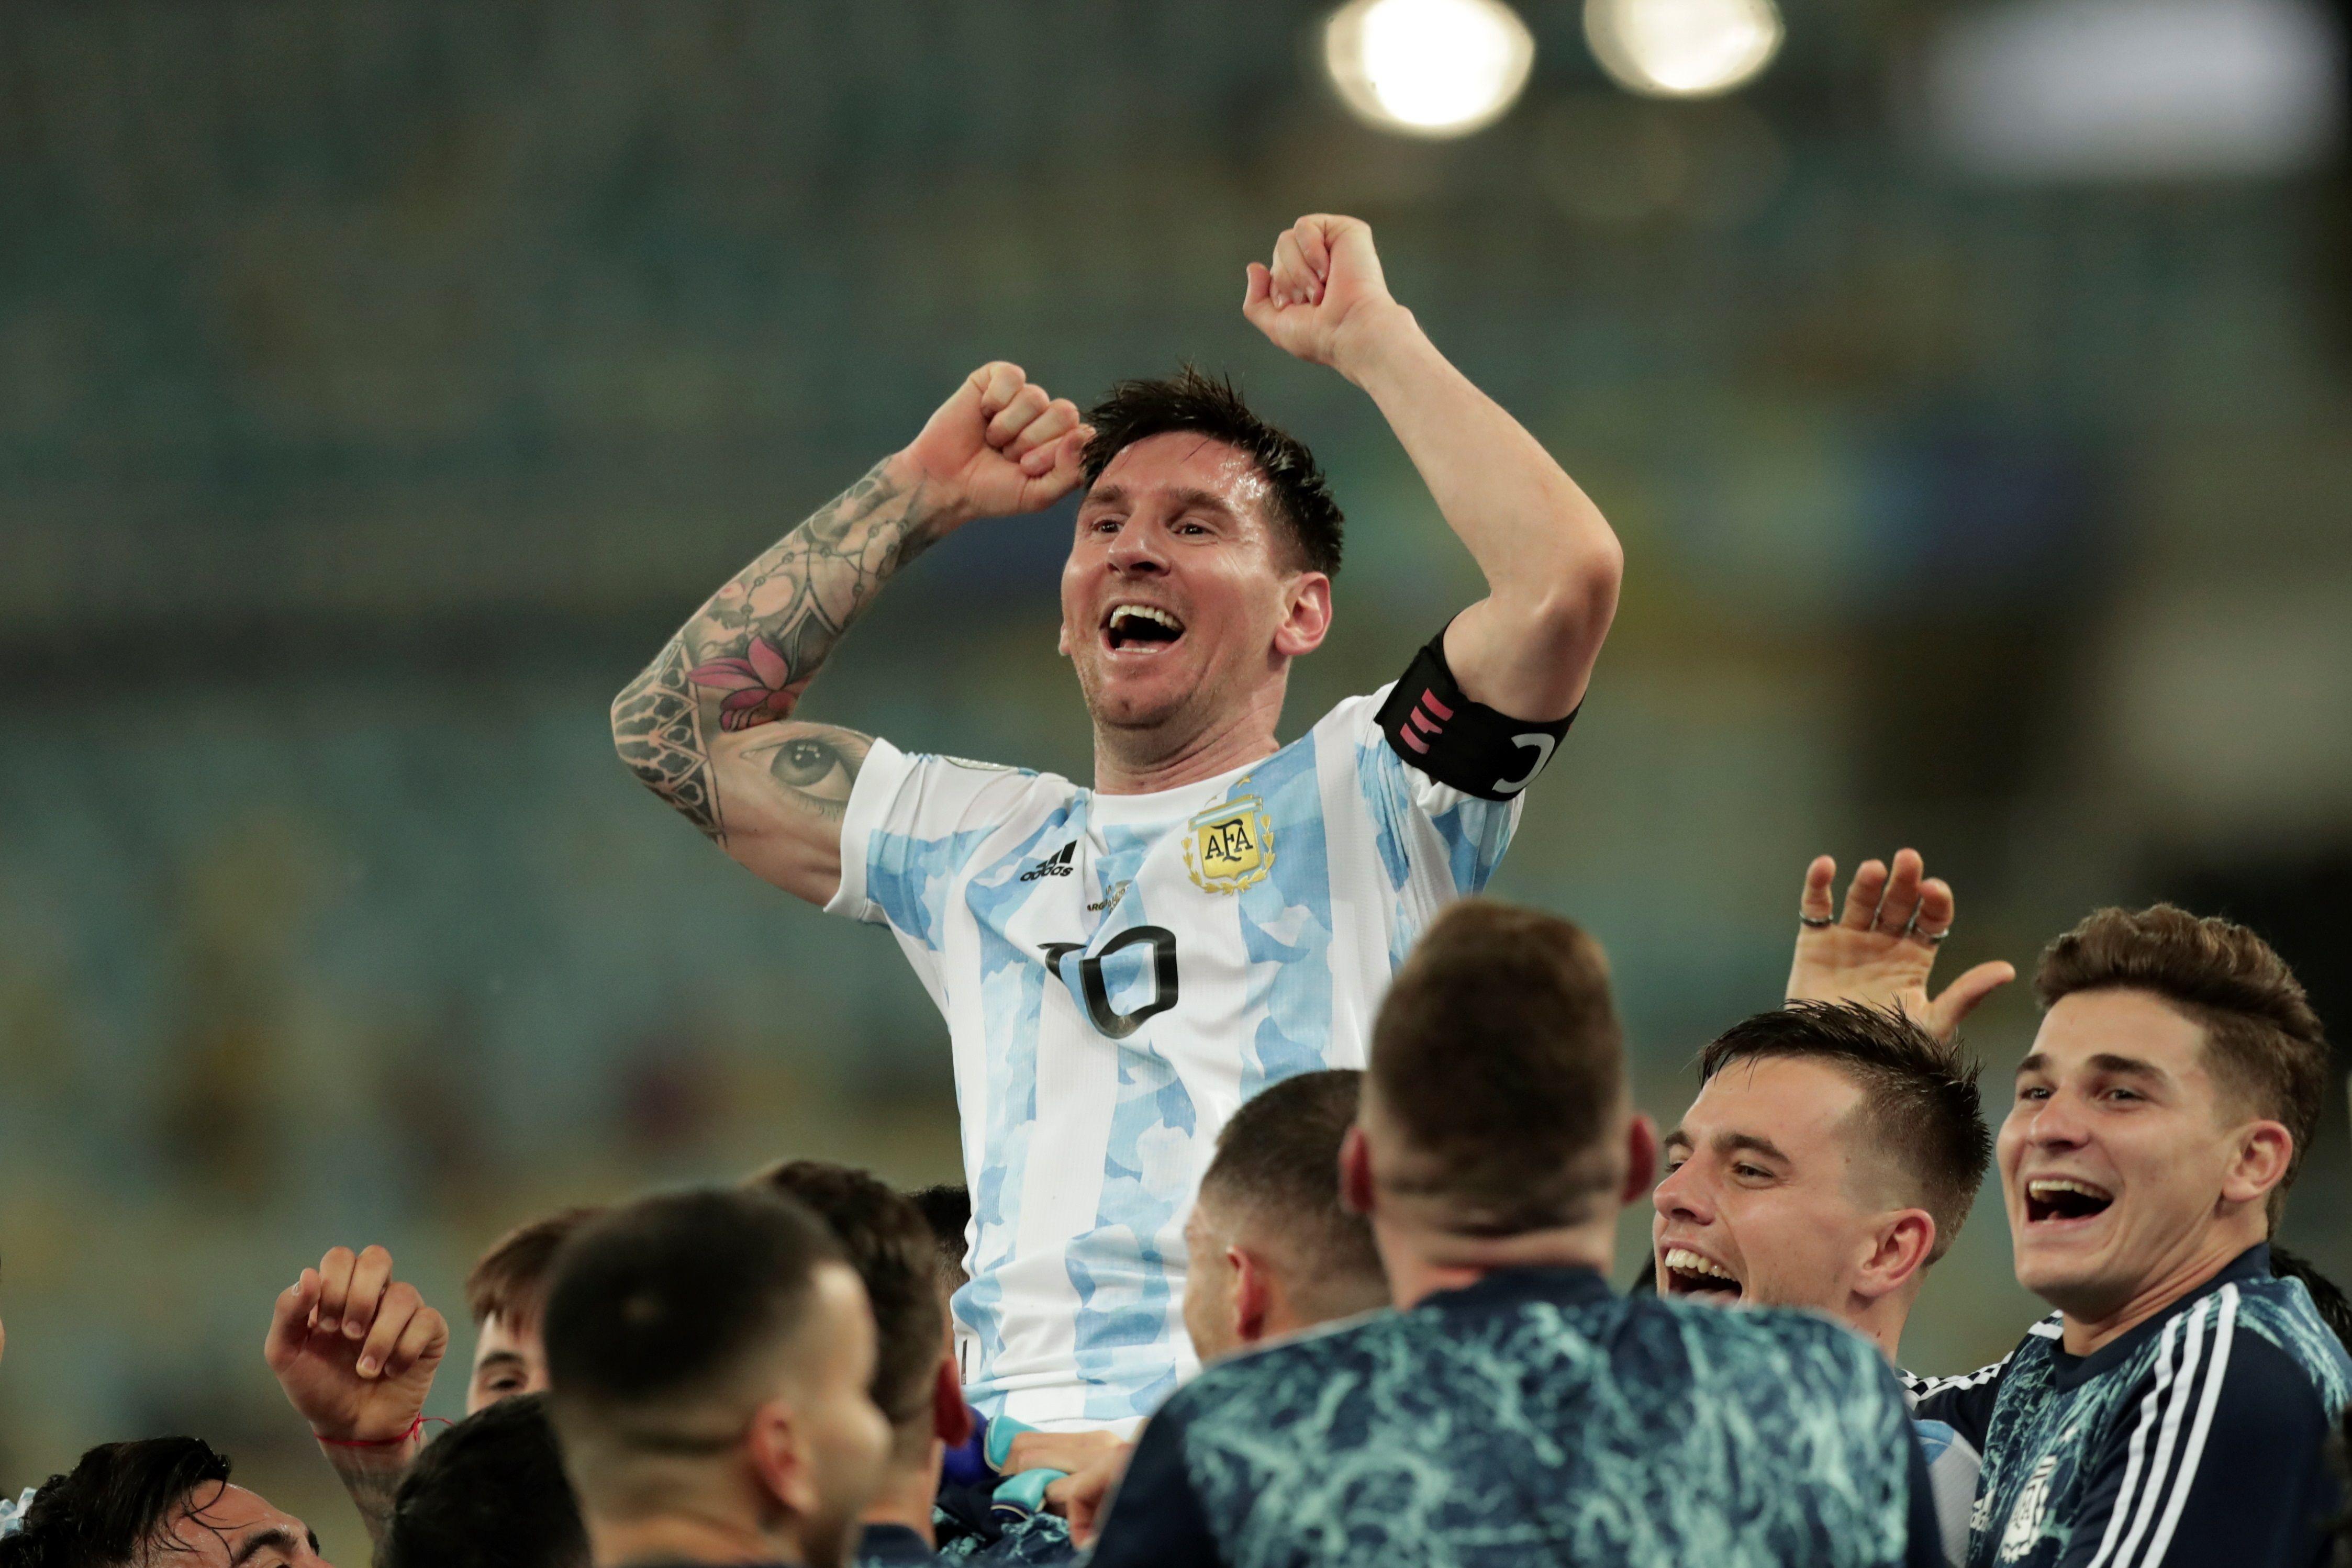 En la Copa América de Brasil 2019 el rosarino dejó de ser un líder más bien silencioso para transformarse en otro más combativo y proactivo